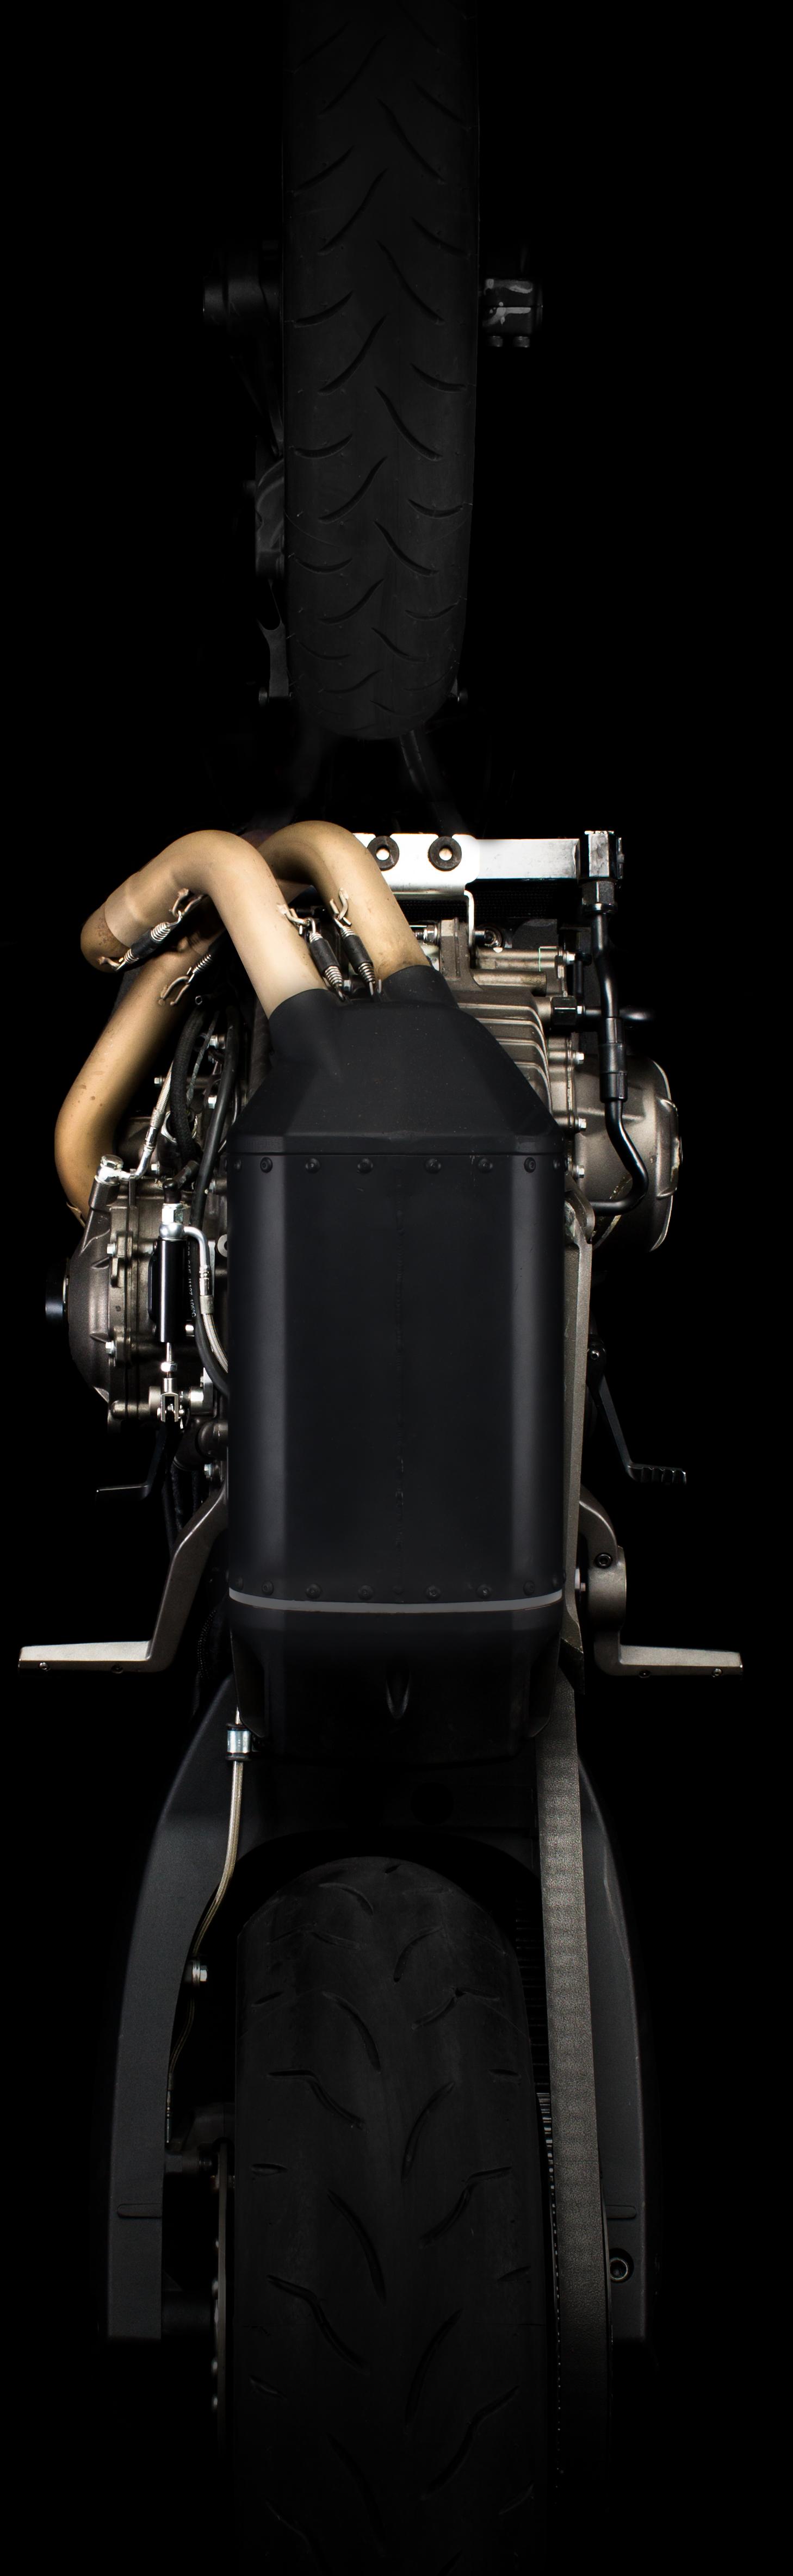 Underside-Full-Bike.jpg